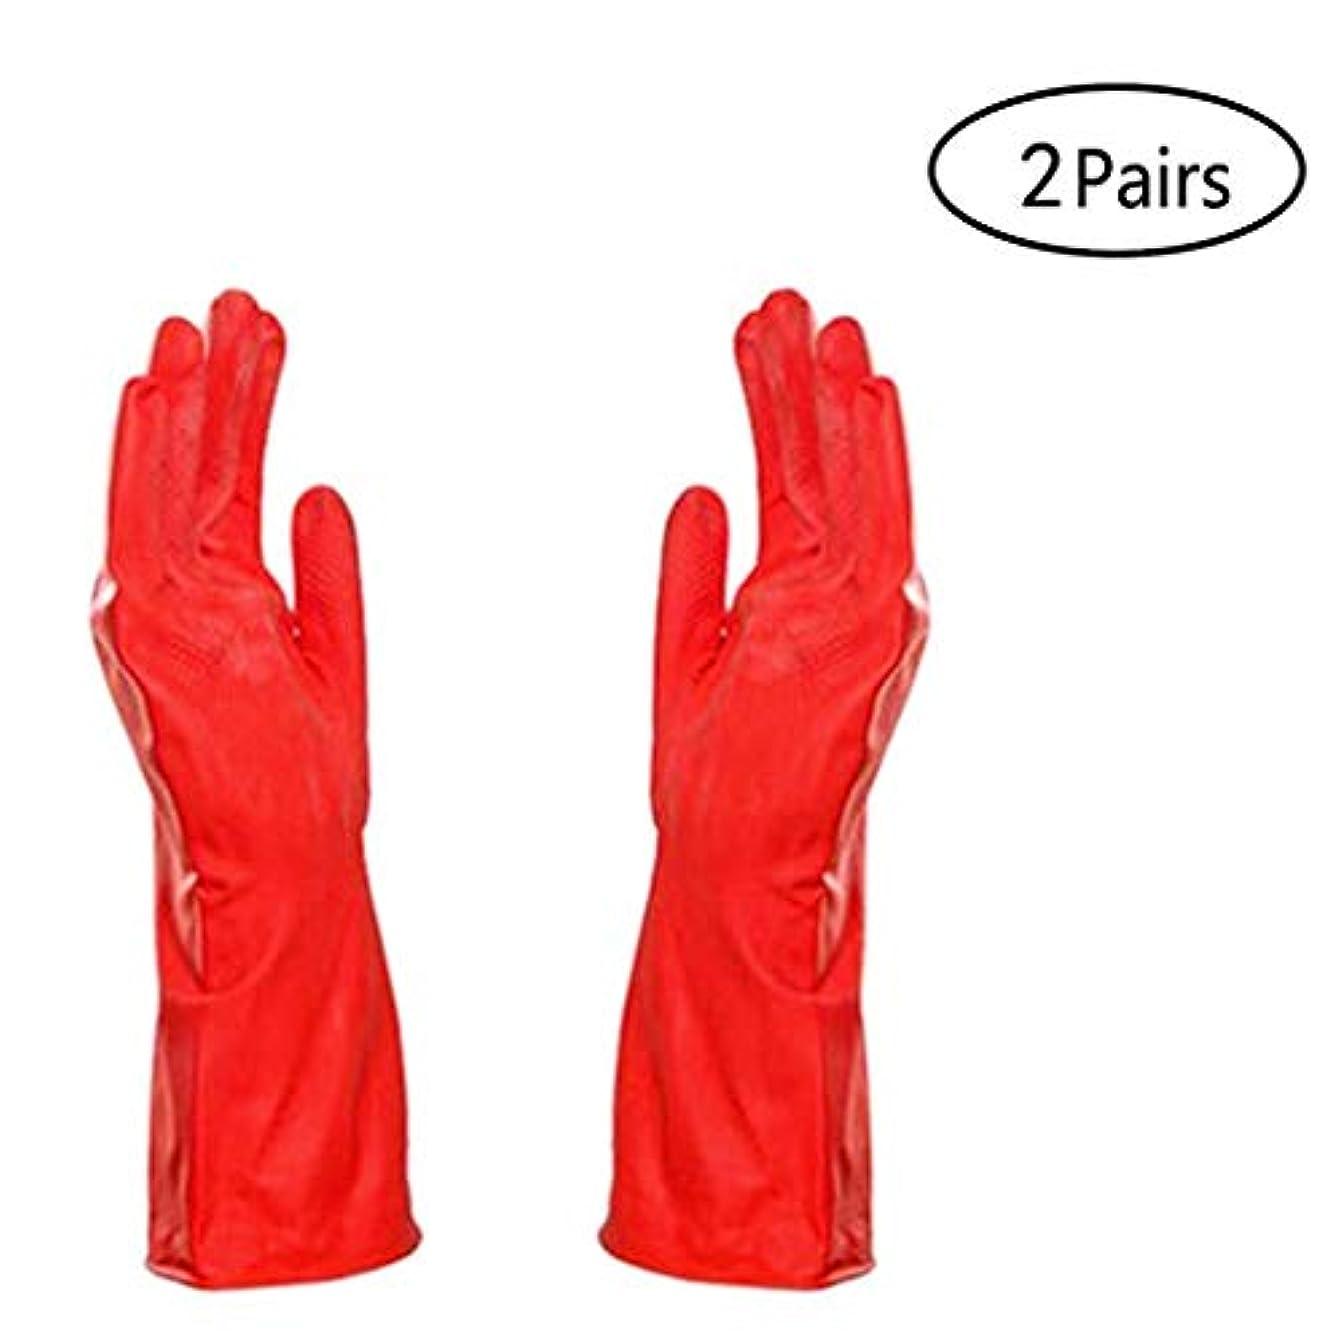 アダルト干渉するホステスゴム手袋 - 食器洗いや家事長い32CMを行うのに適した増粘